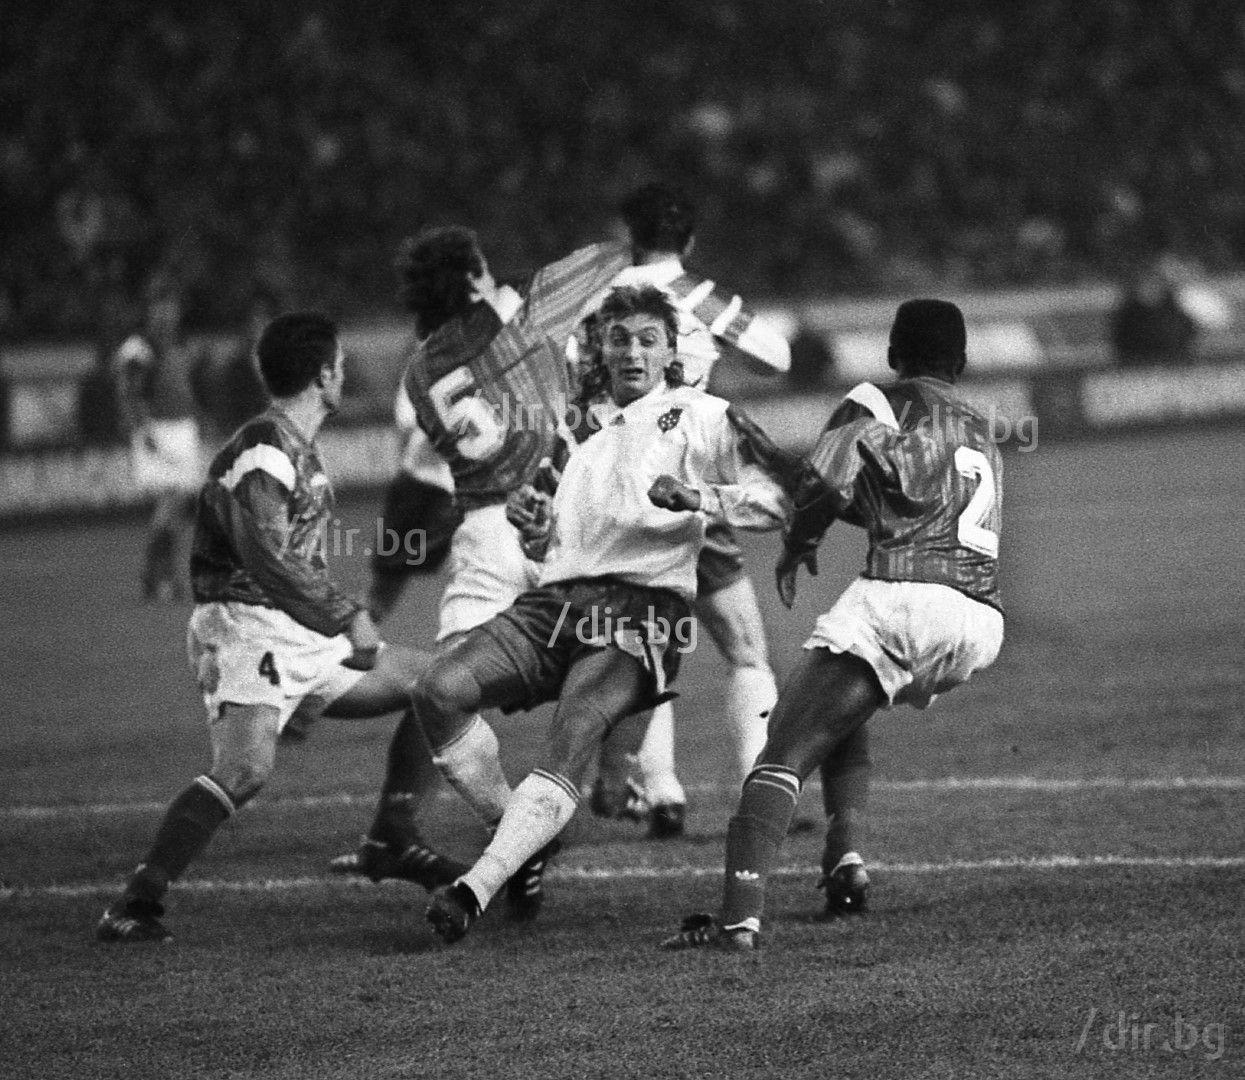 """Във великия мач на """"Парк де Пренс"""" срещу Франция, 1993 г."""